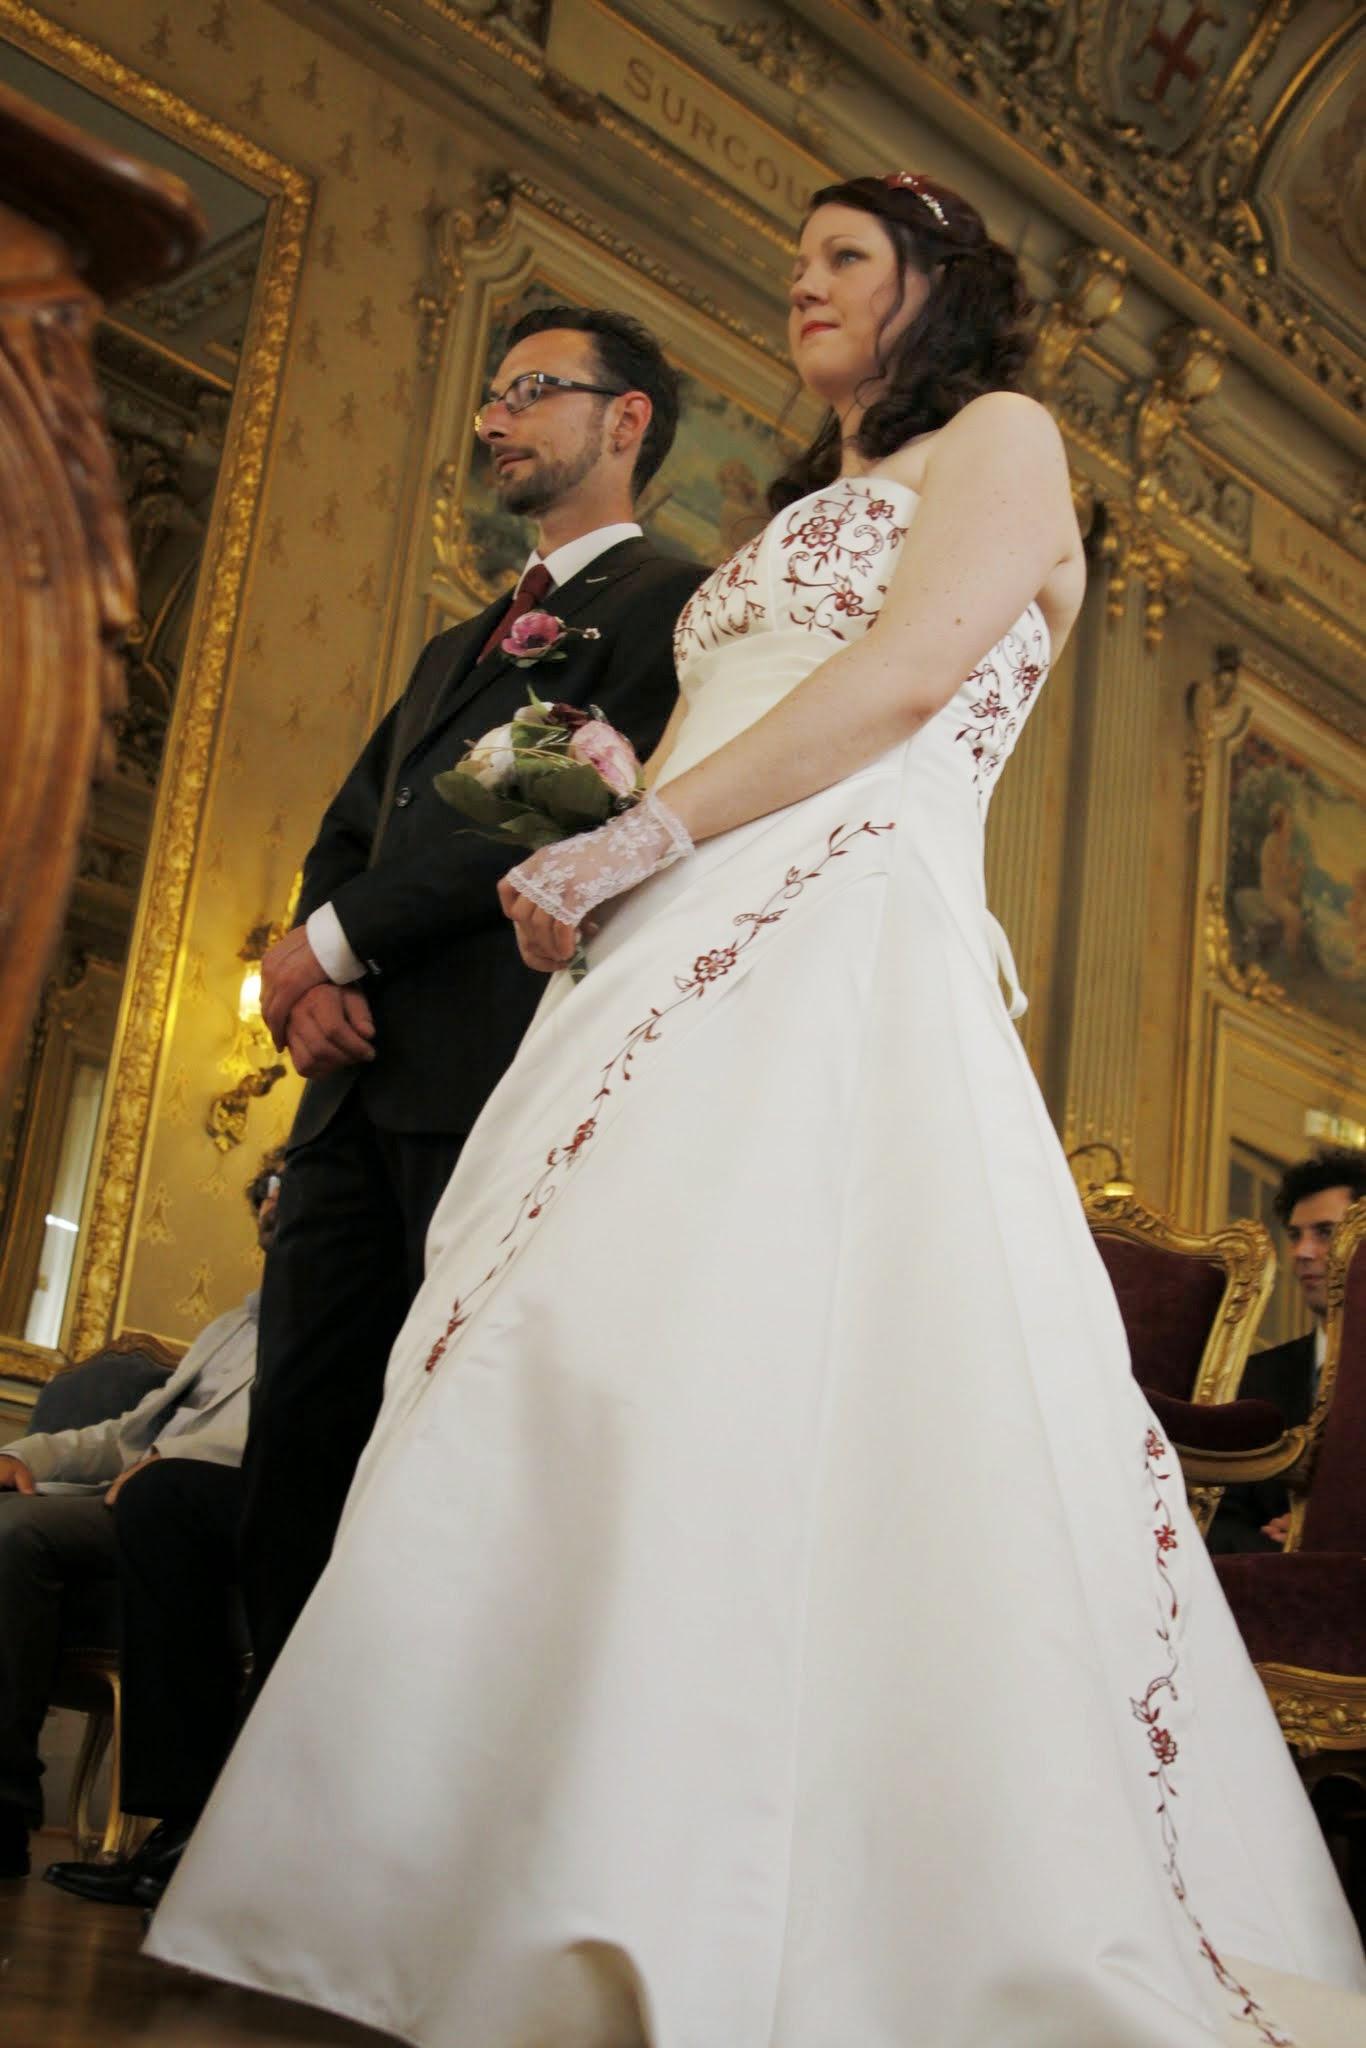 Mariage-Marianne (9)